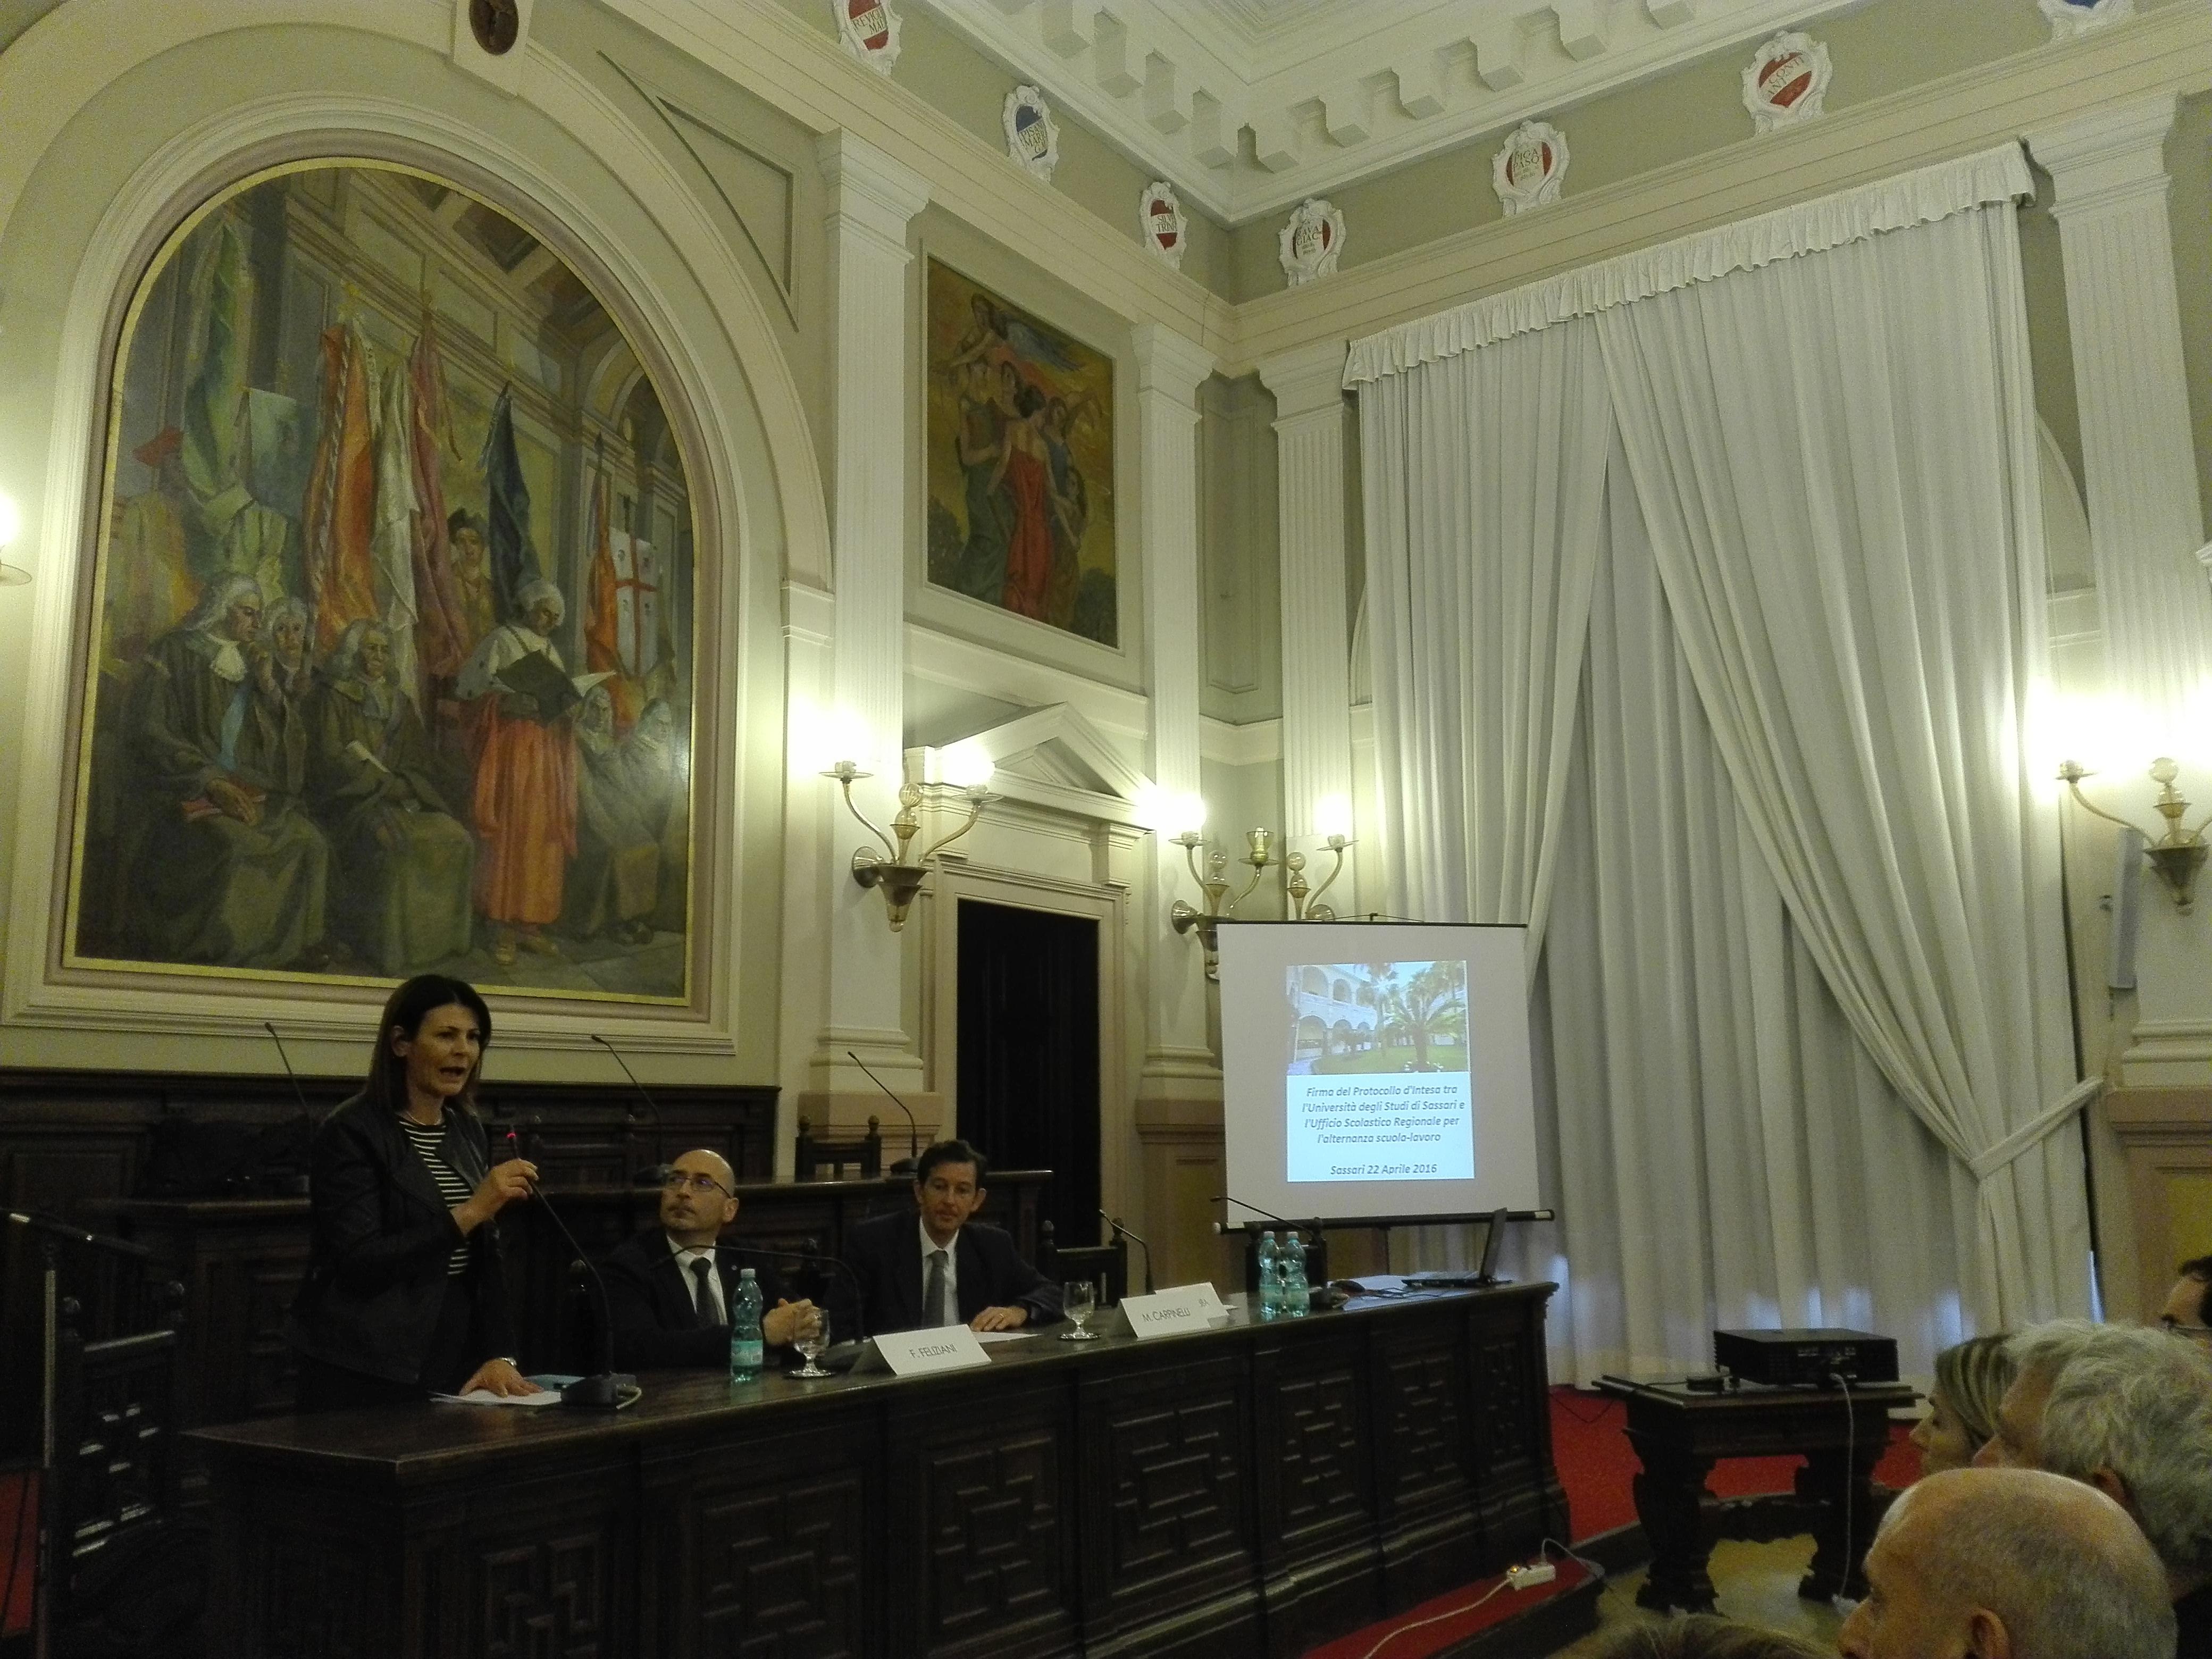 Ufficio Lavoro Ozieri : Firmato il protocollo dintesa per lalternanza scuola lavoro